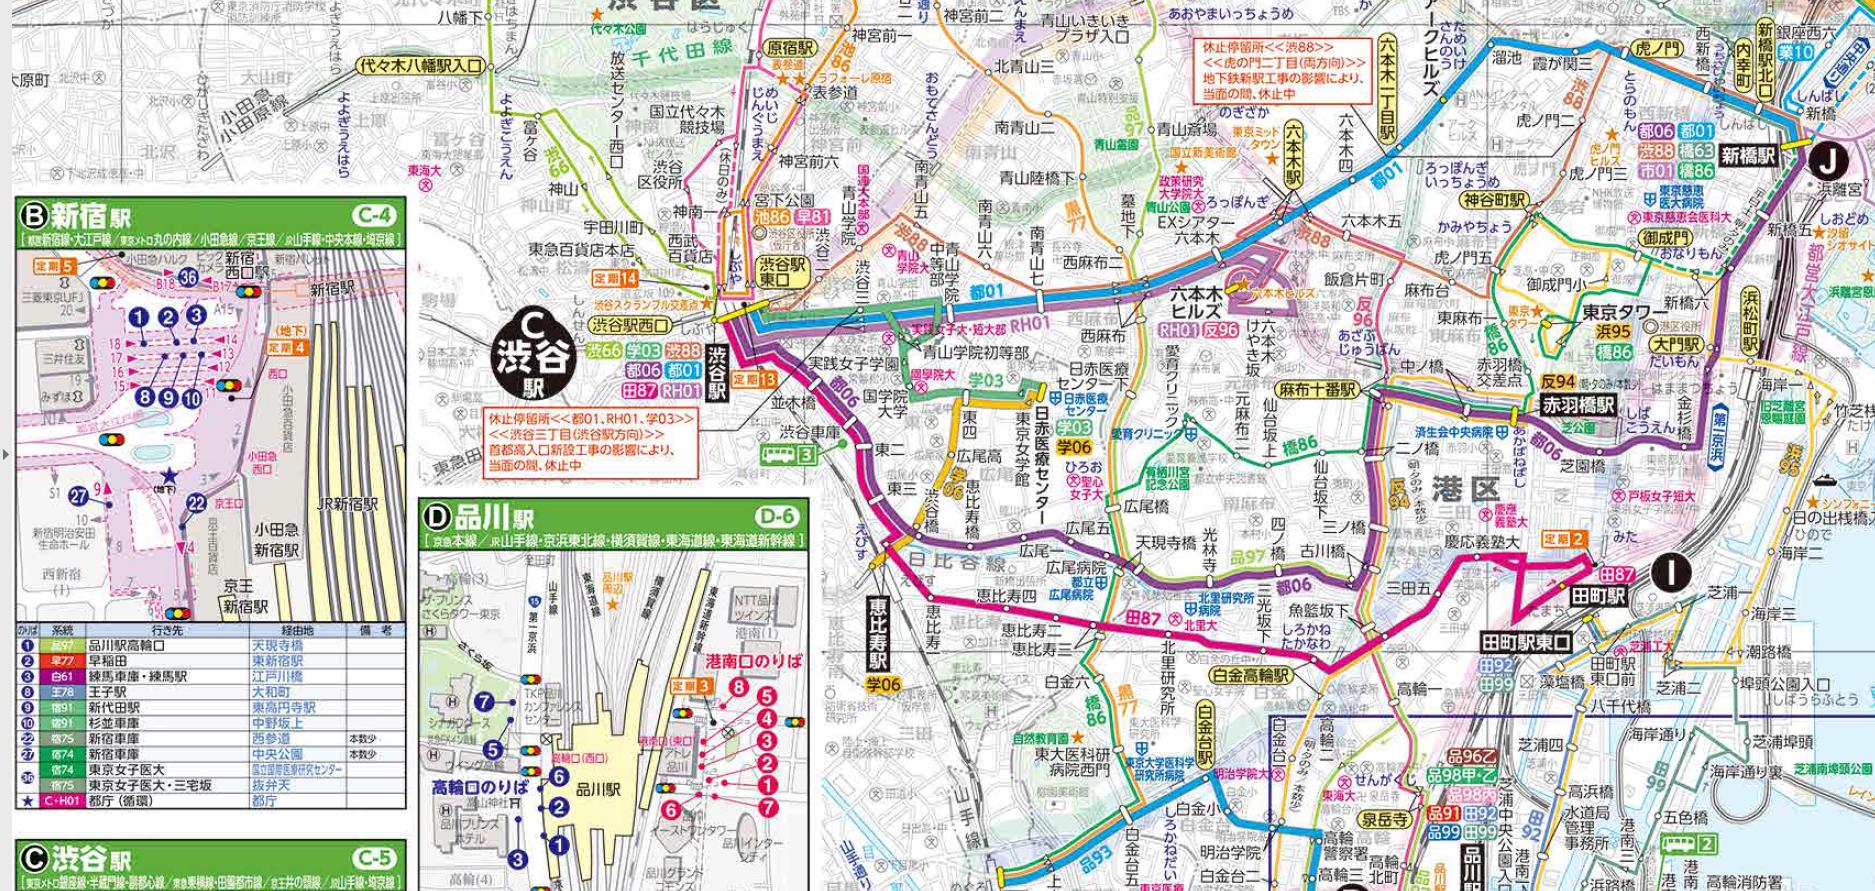 都バス一日乗車券で都心一周500円の旅【連載:アキラの着目】